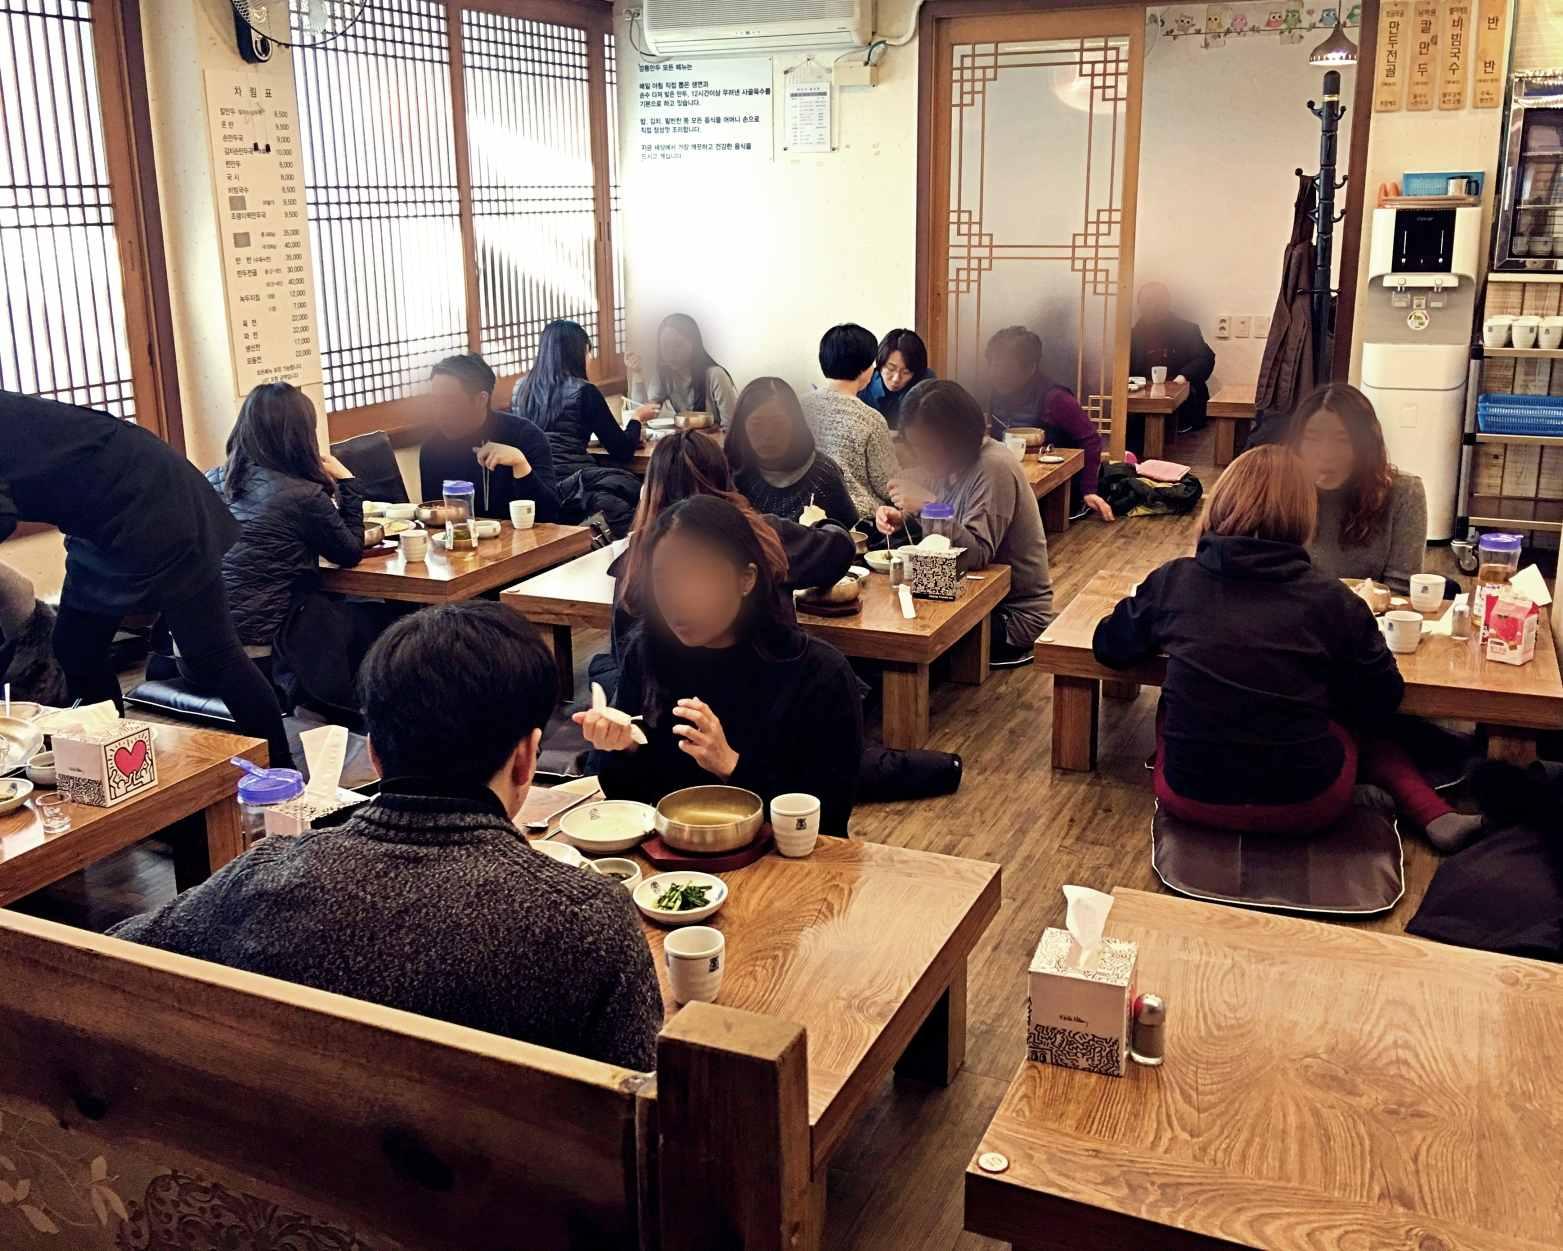 店內位子是傳統韓食餐廳裝潢,需要脫鞋入內。用餐時間人真的很多,小編還等了一組客人才入座。